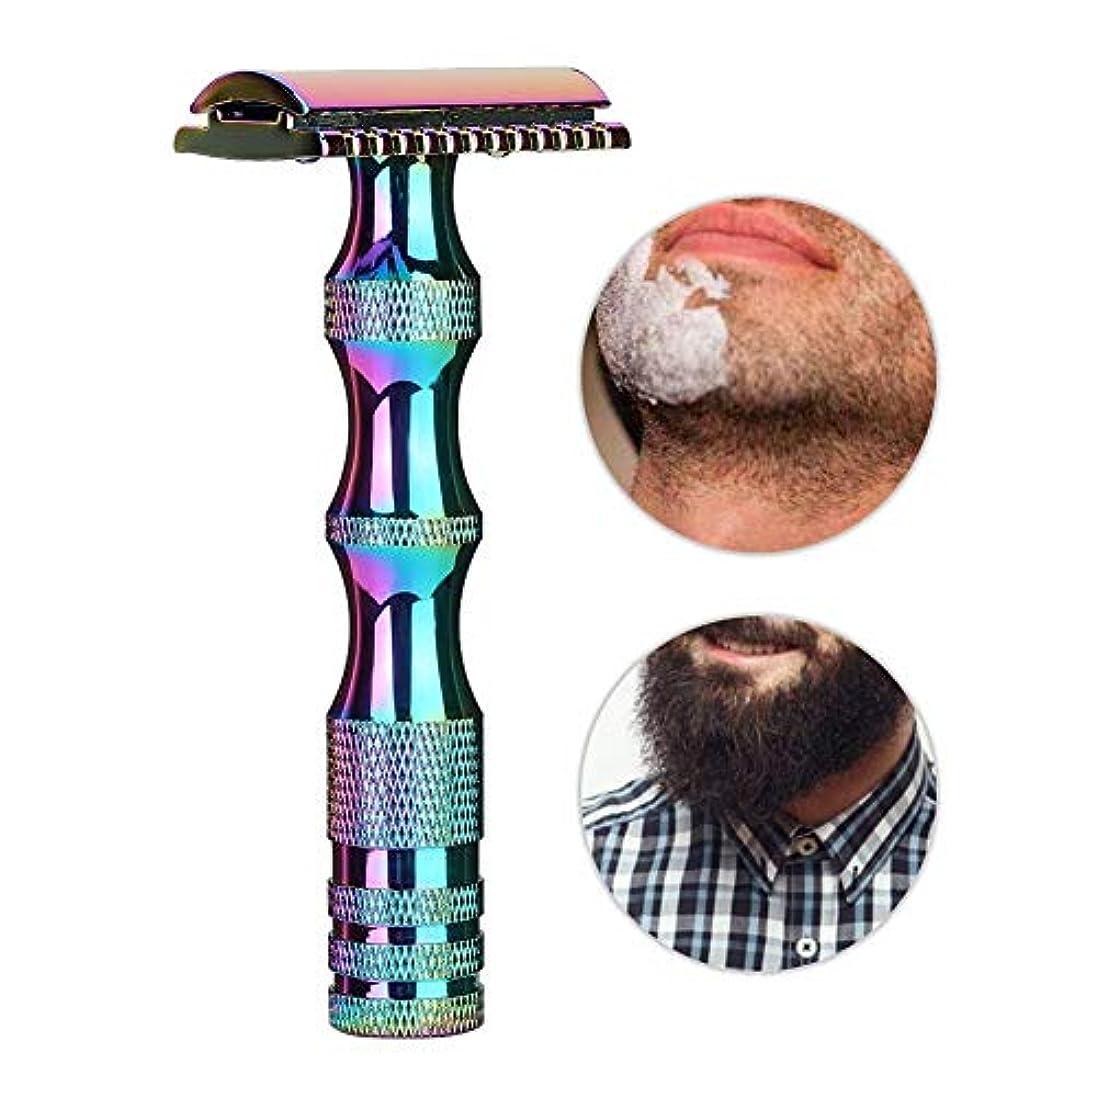 下向きダッシュ性格安全剃刀、クラシックメンズ滑り止めメタルハンドルデュアルエッジシェーバーヴィンテージスタイルメンズ安全剃刀、スムーズで快適な髭剃り(Colorful)